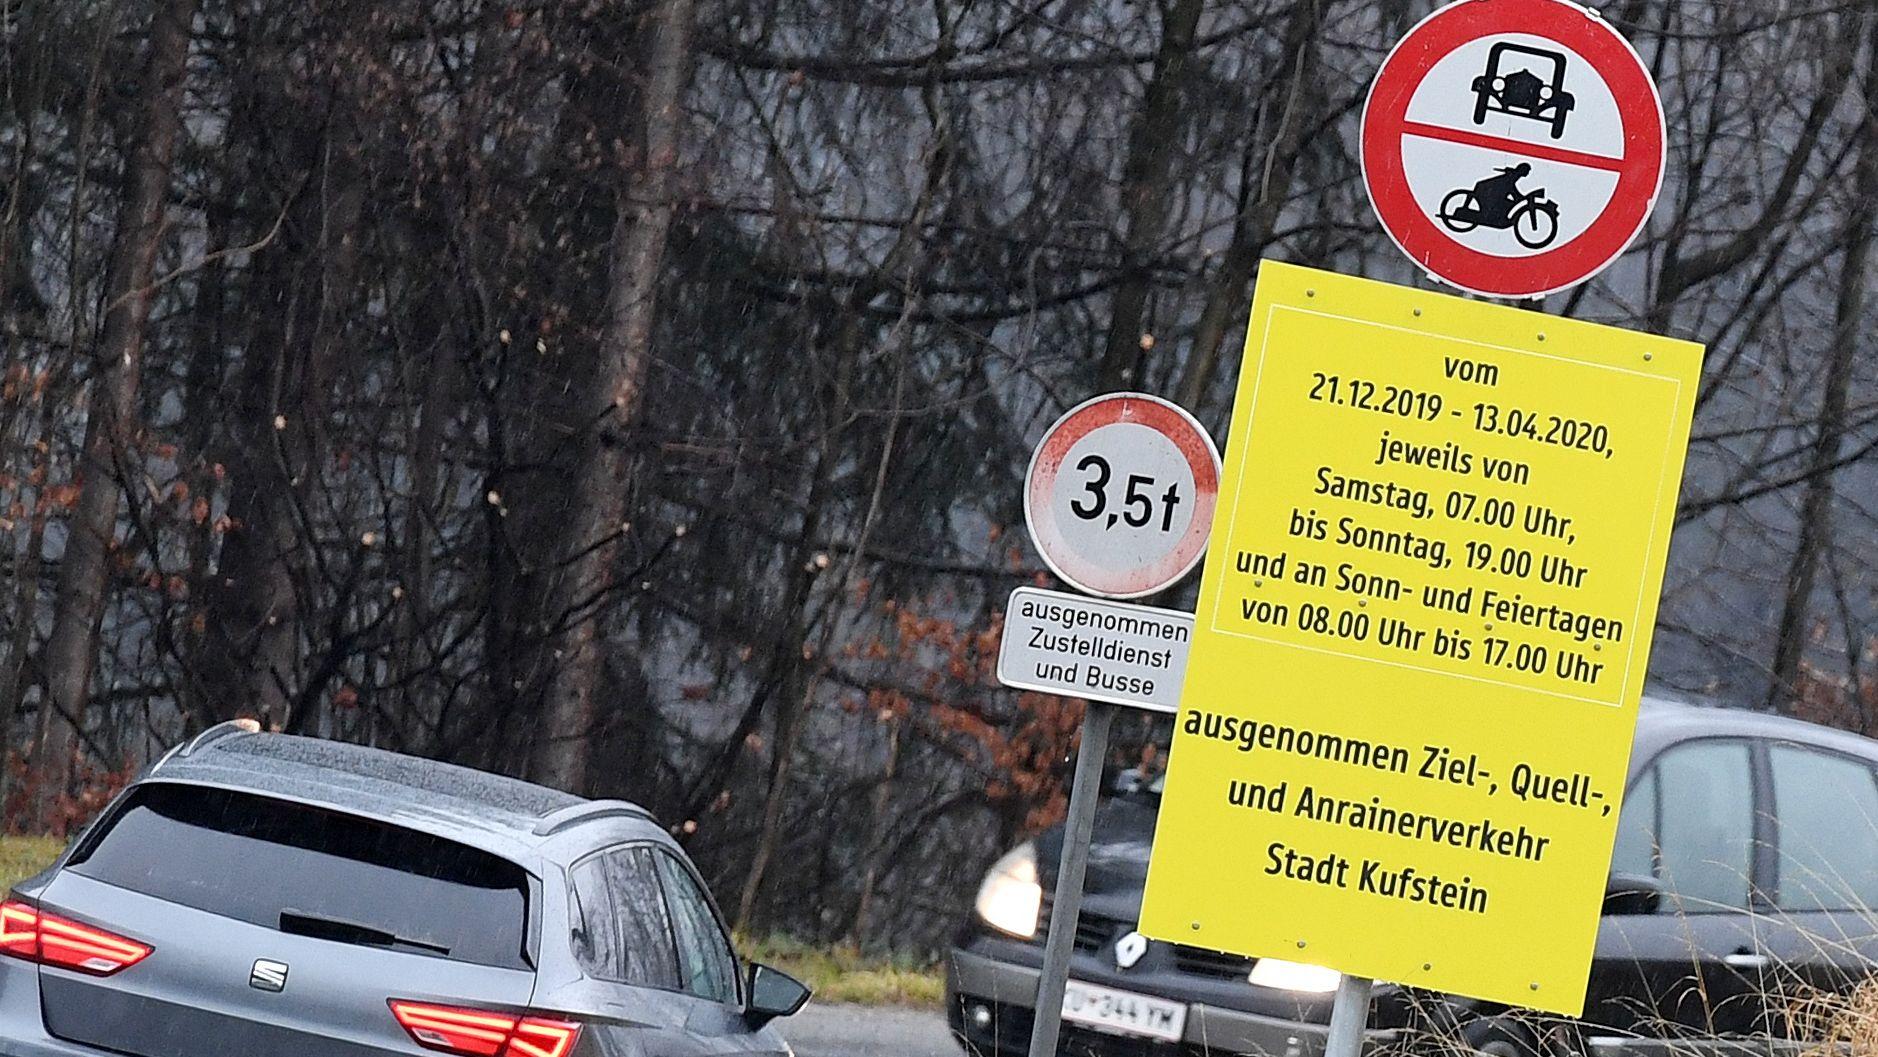 Ein Schild weist auf das Winterfahrverbot an den Wochenenden zwischen dem 21.12.2019 und dem 13.04.2020 hin